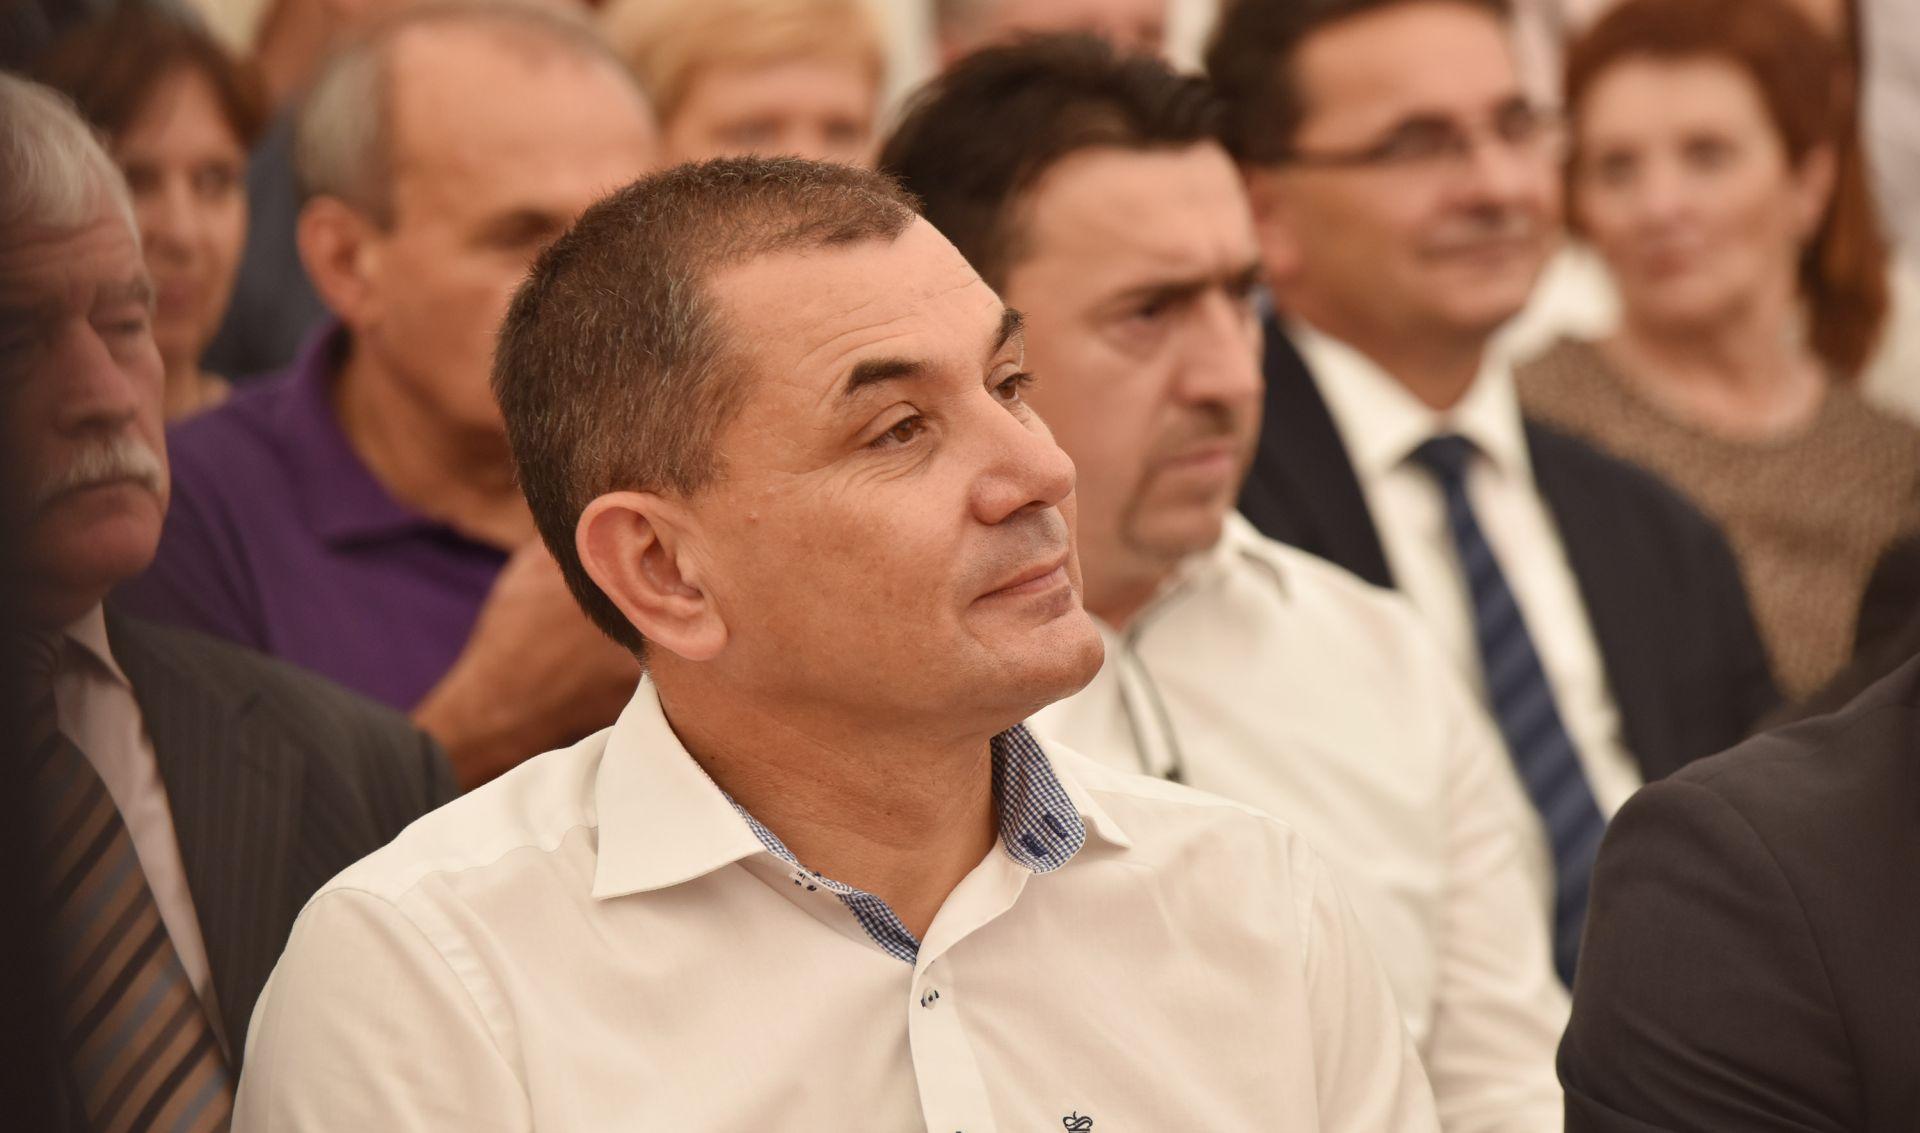 13 DANA PRIJE LP BEZ DVORANE Lovrić: Zagreb će igrati Ligu prvaka u Areni